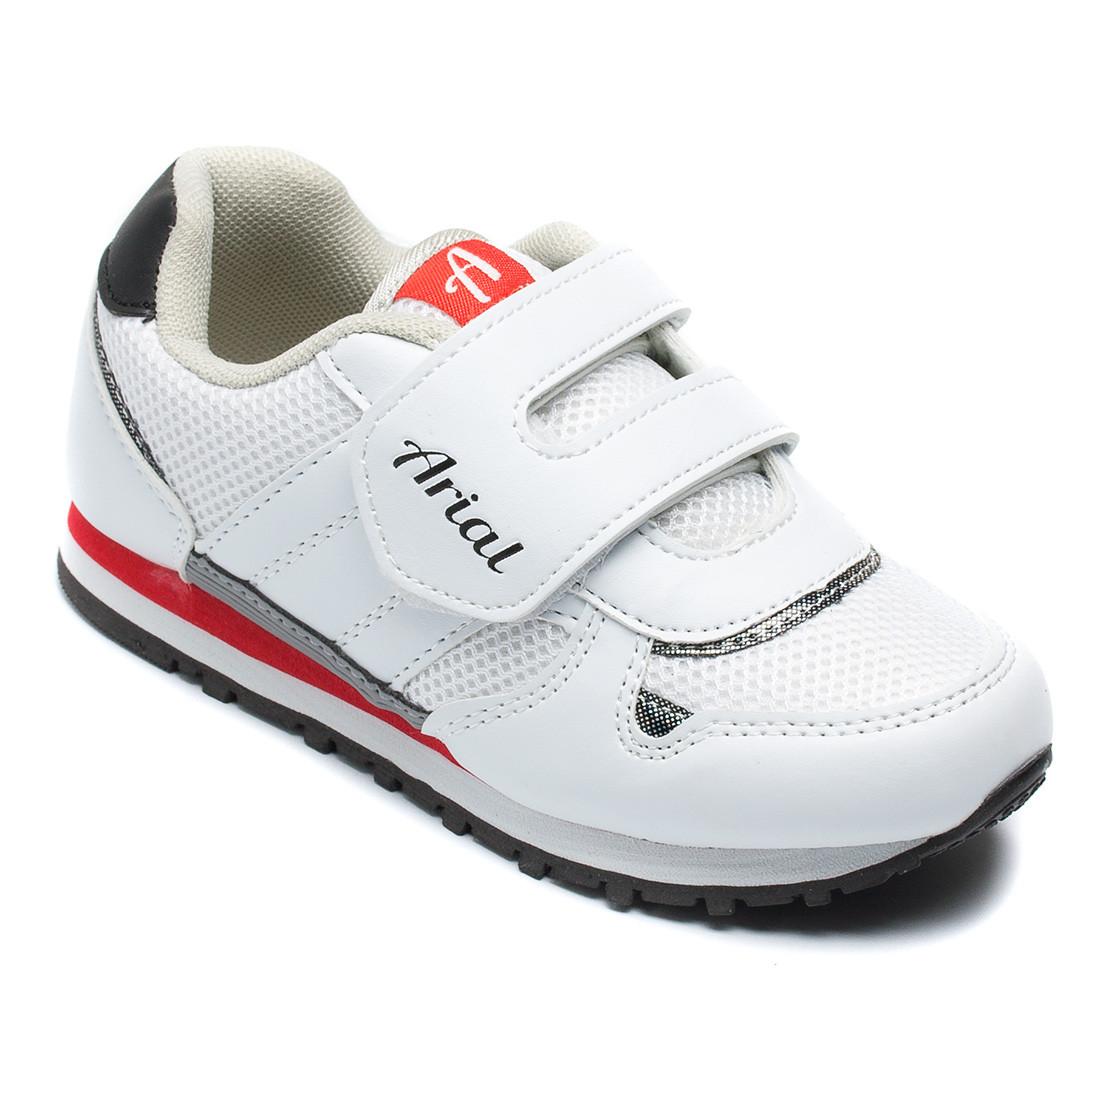 Белые кроссовки Arial на мальчика, размер 29-32